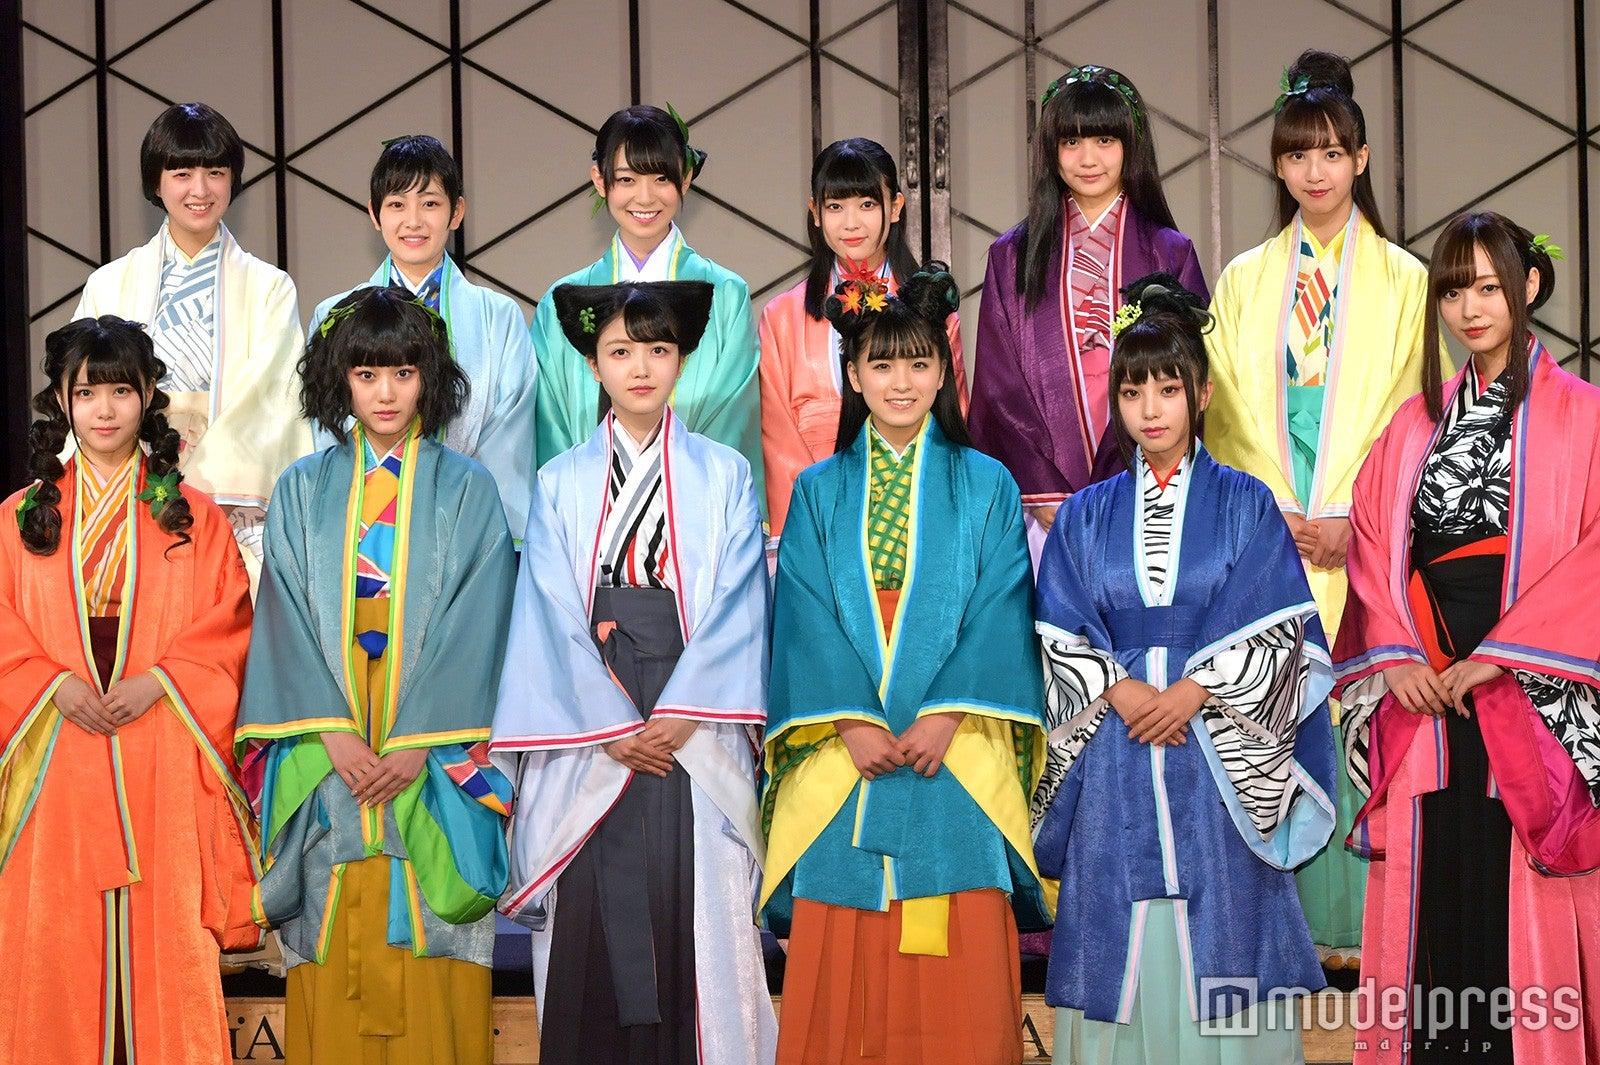 乃木坂46・3期生が着物姿で本格演劇「見殺し姫」 あらすじ・役柄・見どころ…12人が語る